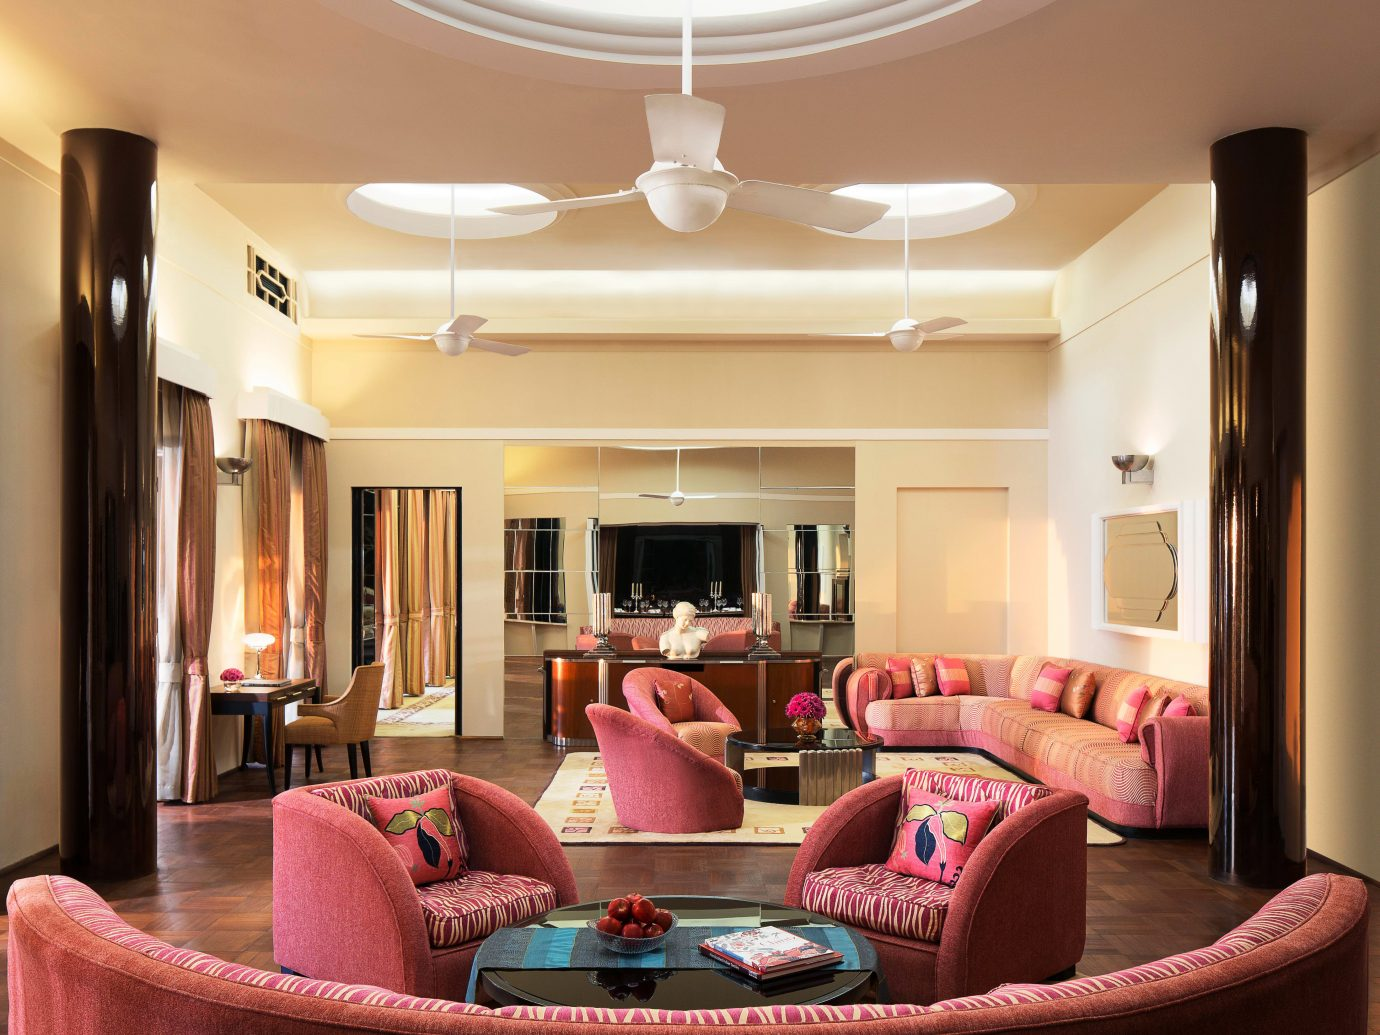 Elegant Hotels Lounge Luxury Resort indoor wall ceiling living room room property home interior design estate Suite dining room real estate furniture